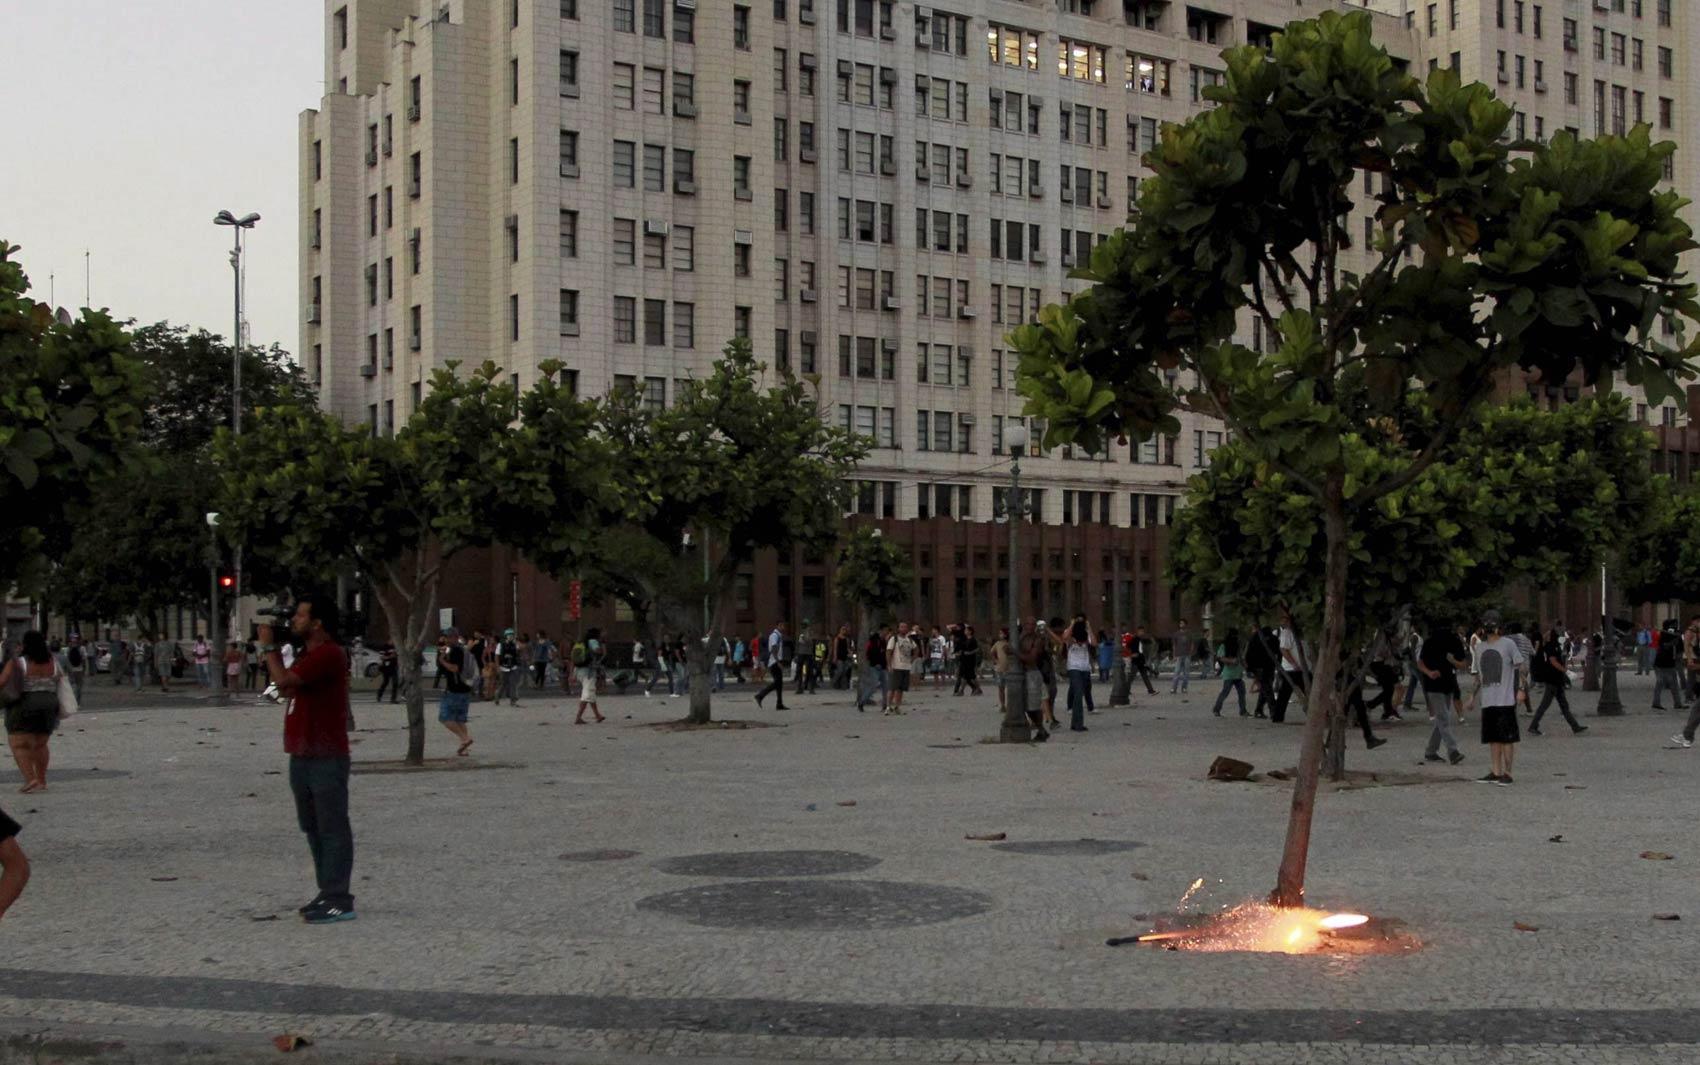 Artefato é visto no chão logo antes de disparar na direção da cabeça do cinegrafista da Band no Centro do Rio